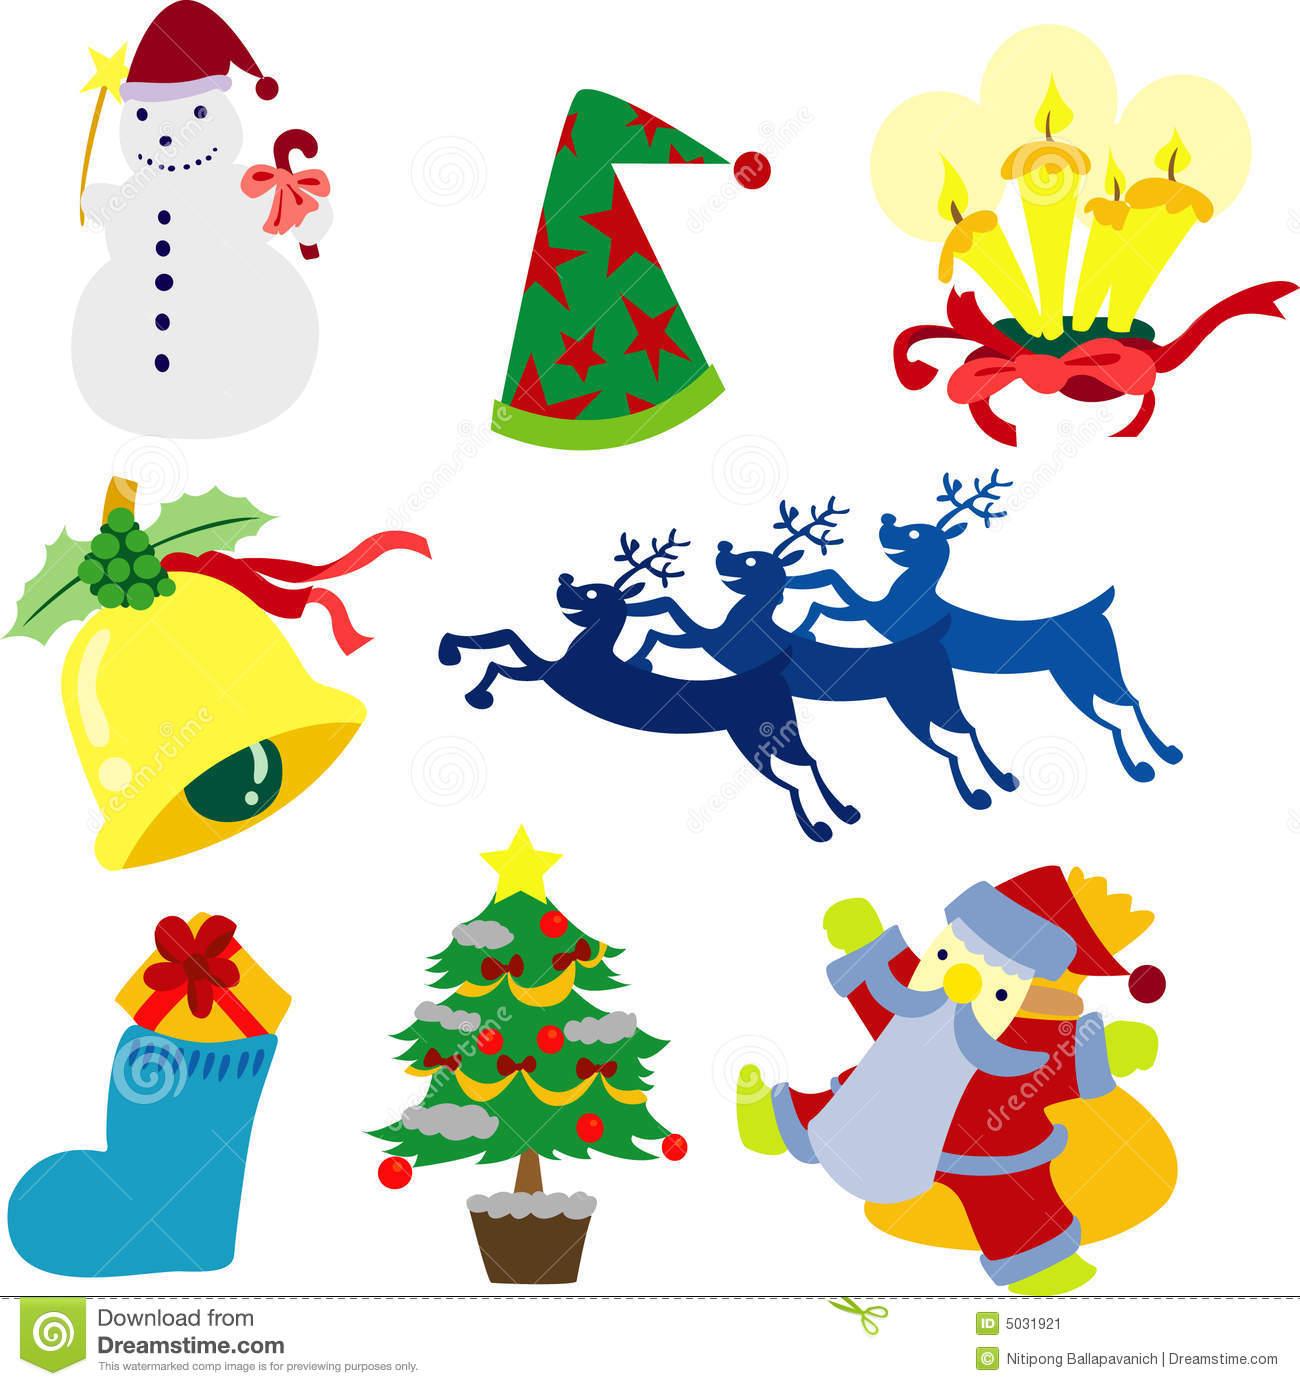 Christmas clip art collection .-Christmas clip art collection .-10